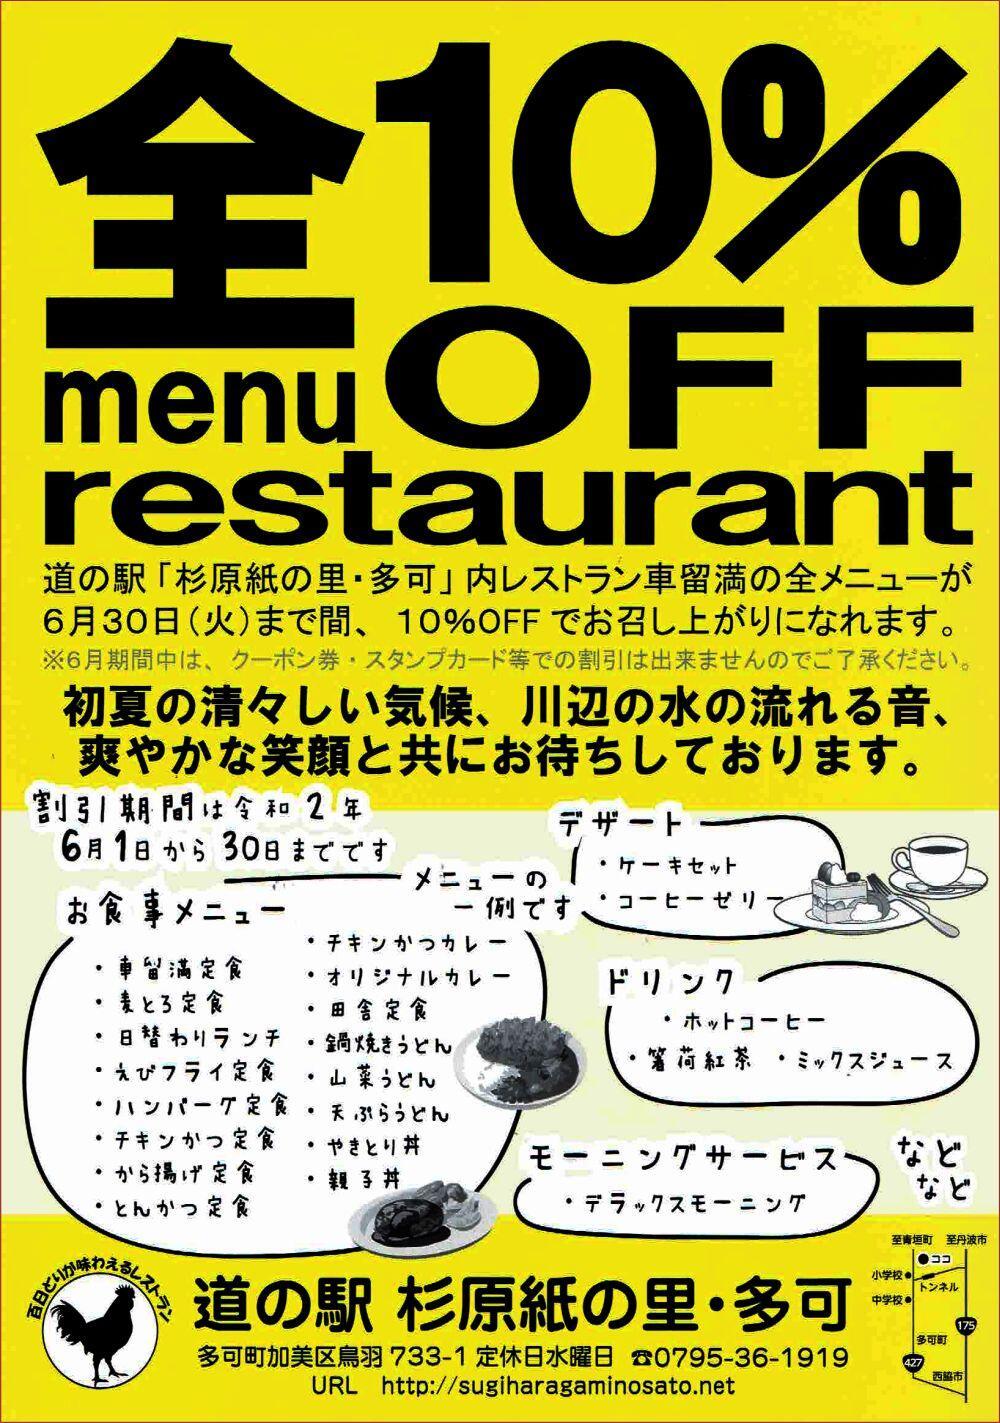 6/1~30 レストランメニュー全10%OFF:道の駅杉原紙の里・多可